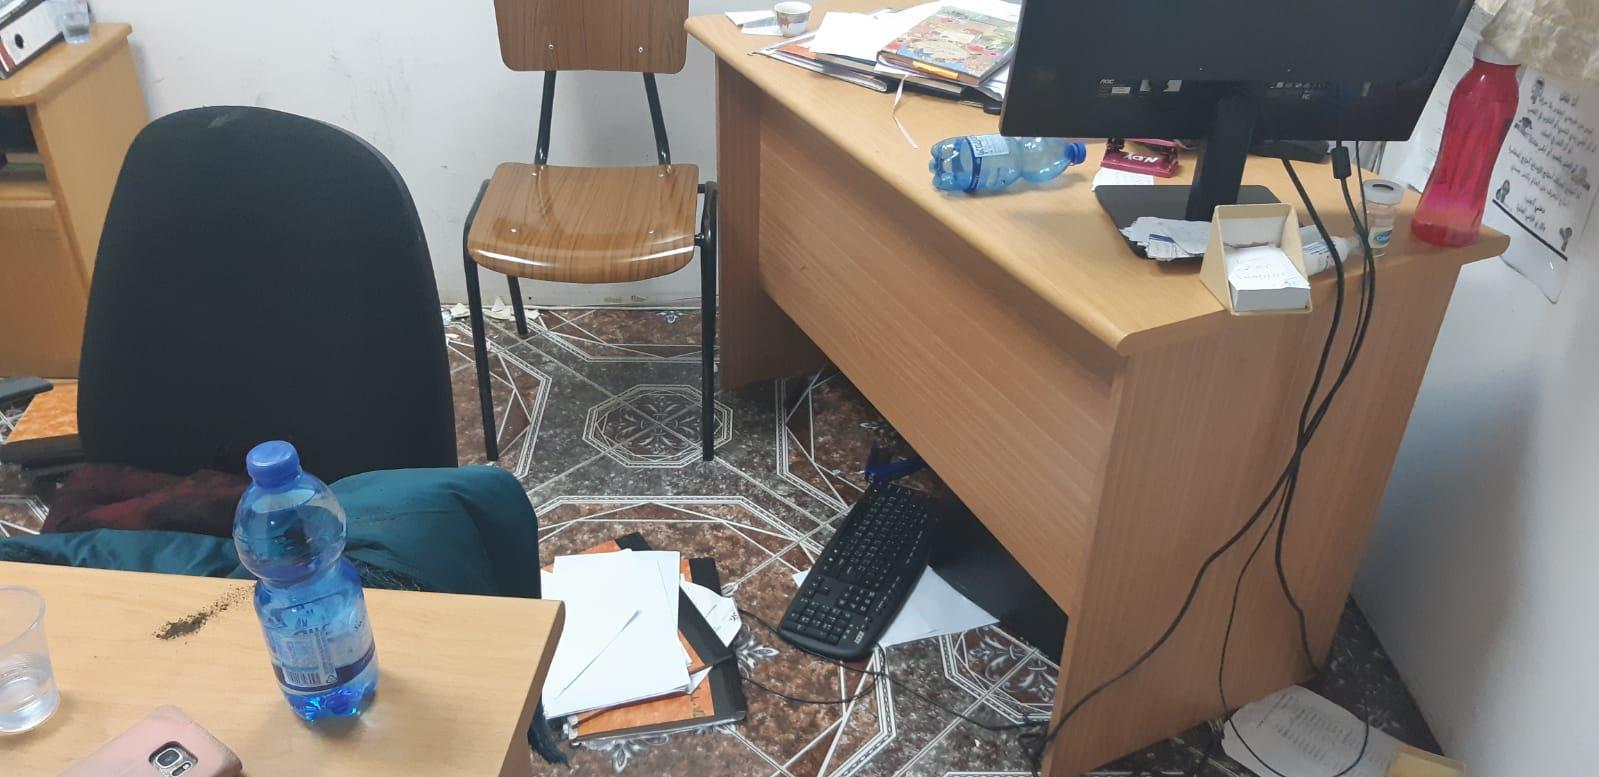 طمرة: شابة تعتدي على مكتب الرفاه الاجتماعي